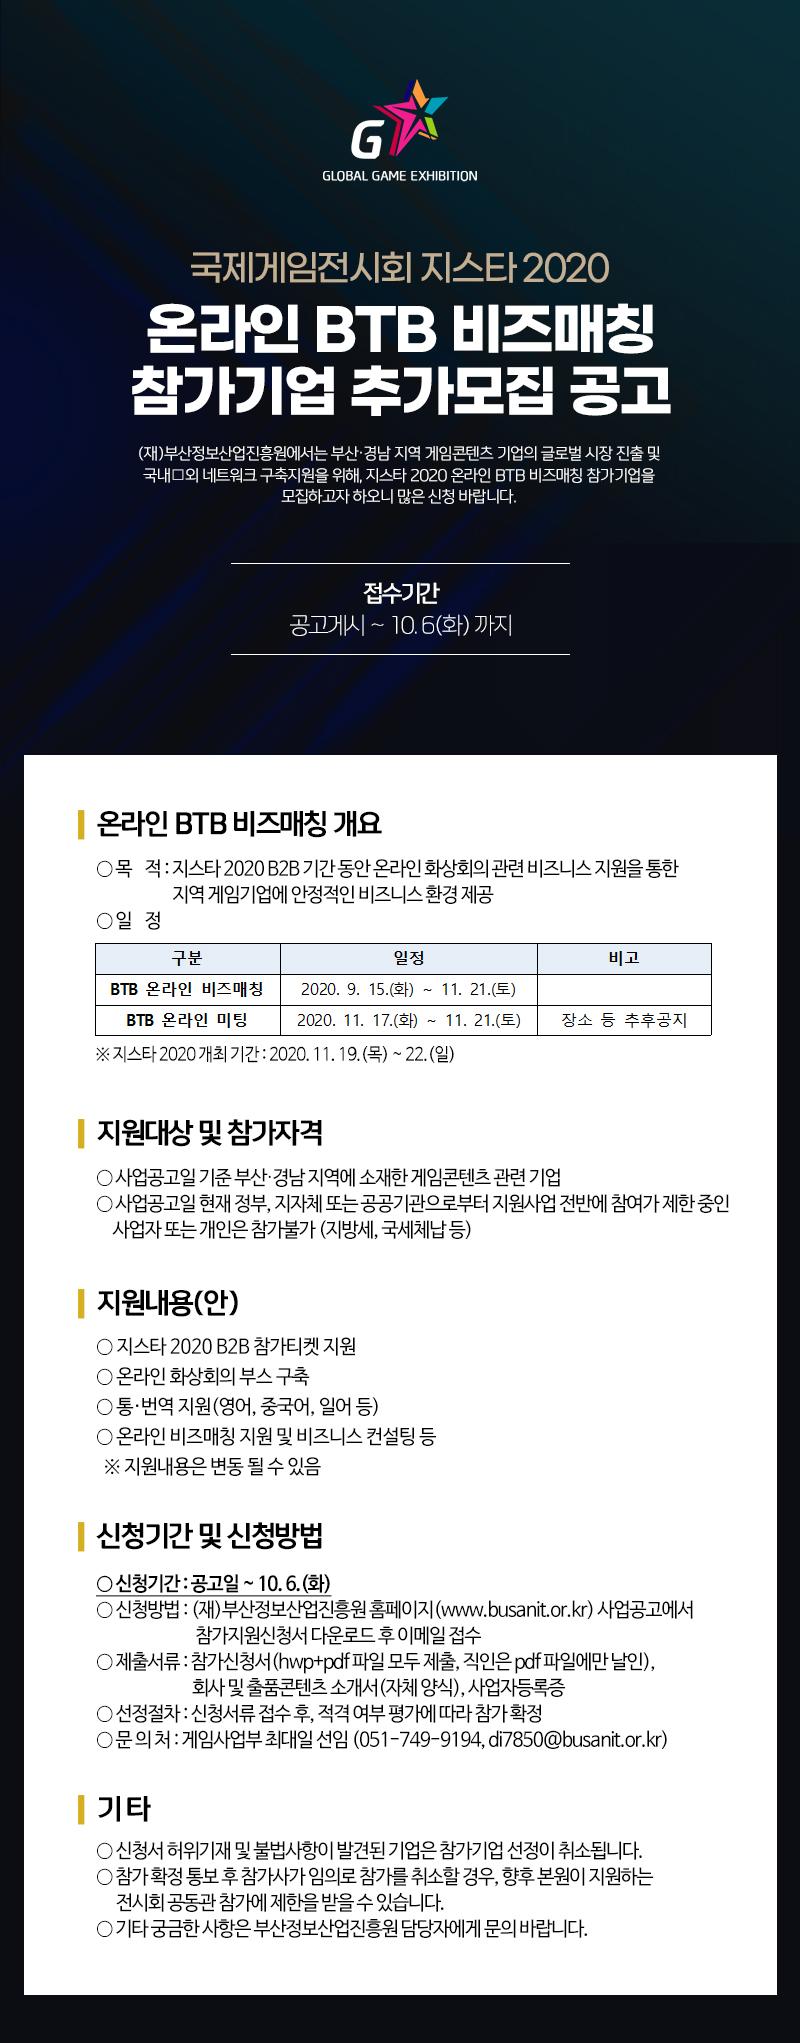 국제게임전시회 지스타 2020 온라인 BTB 비즈매칭 참가기업 추가모집 공고